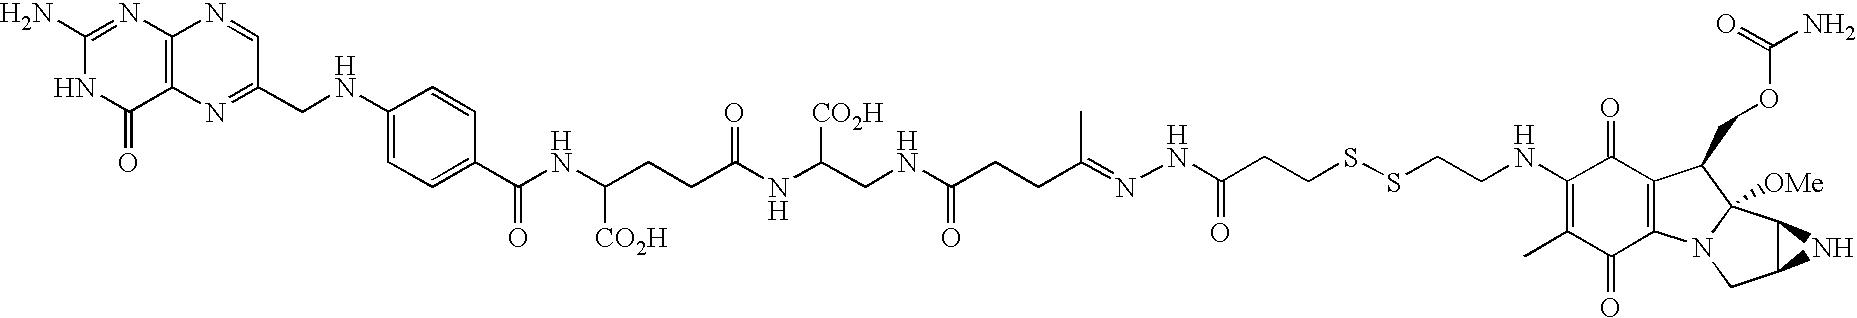 Figure US20100004276A1-20100107-C00125